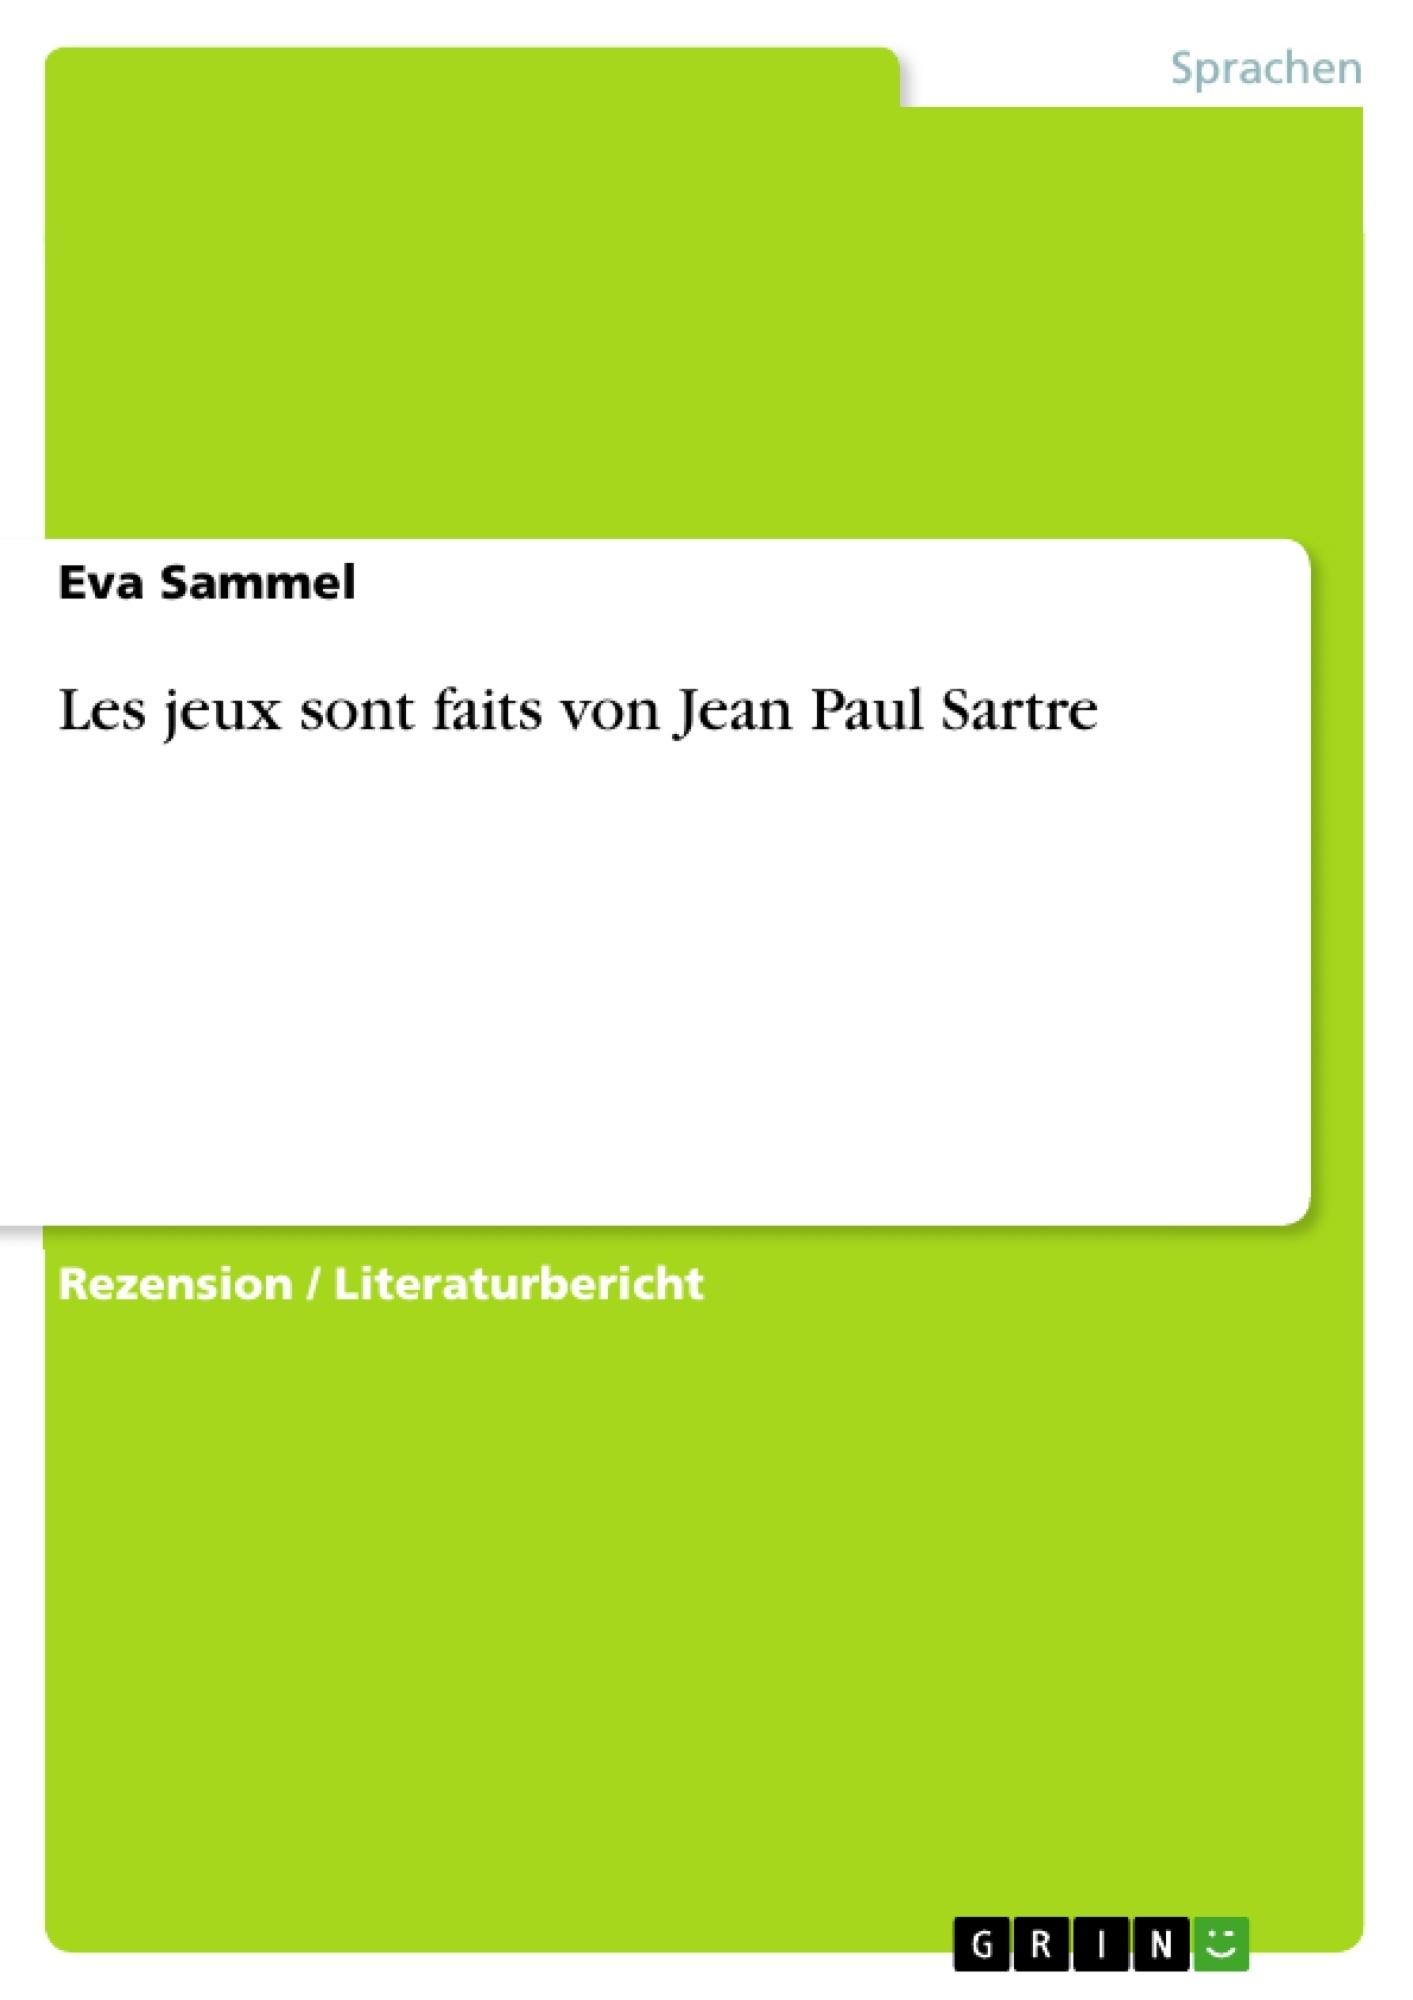 Titel: Les jeux sont faits von Jean Paul Sartre